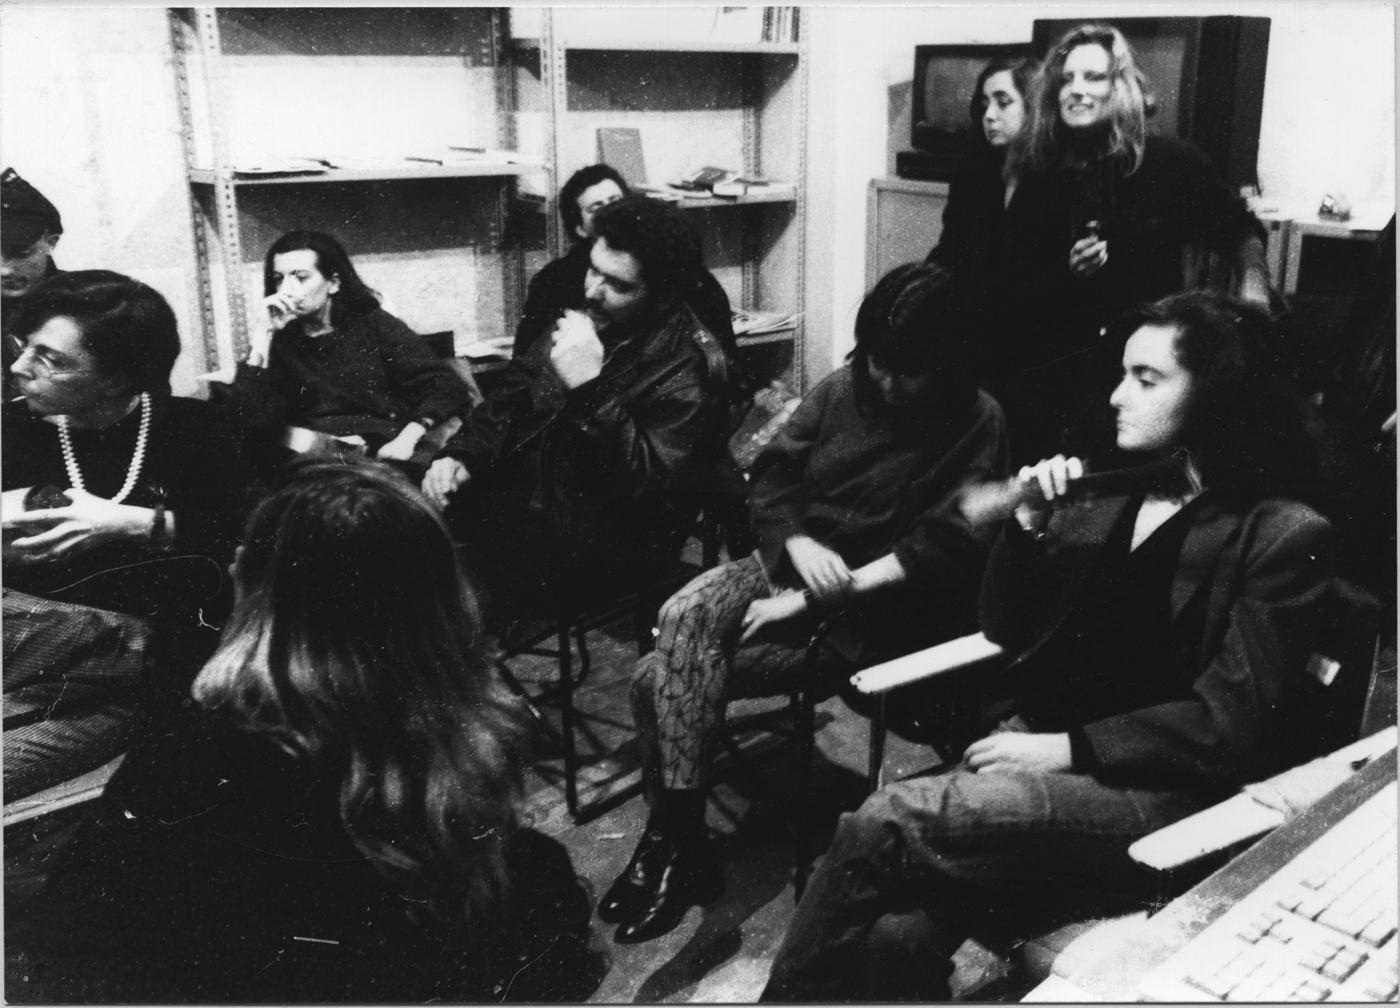 Taglio e cucito, Il critico Cloe Piccoli, la gallerista Emi Fontana, l'artista Luca Quartana assistono all'incontro